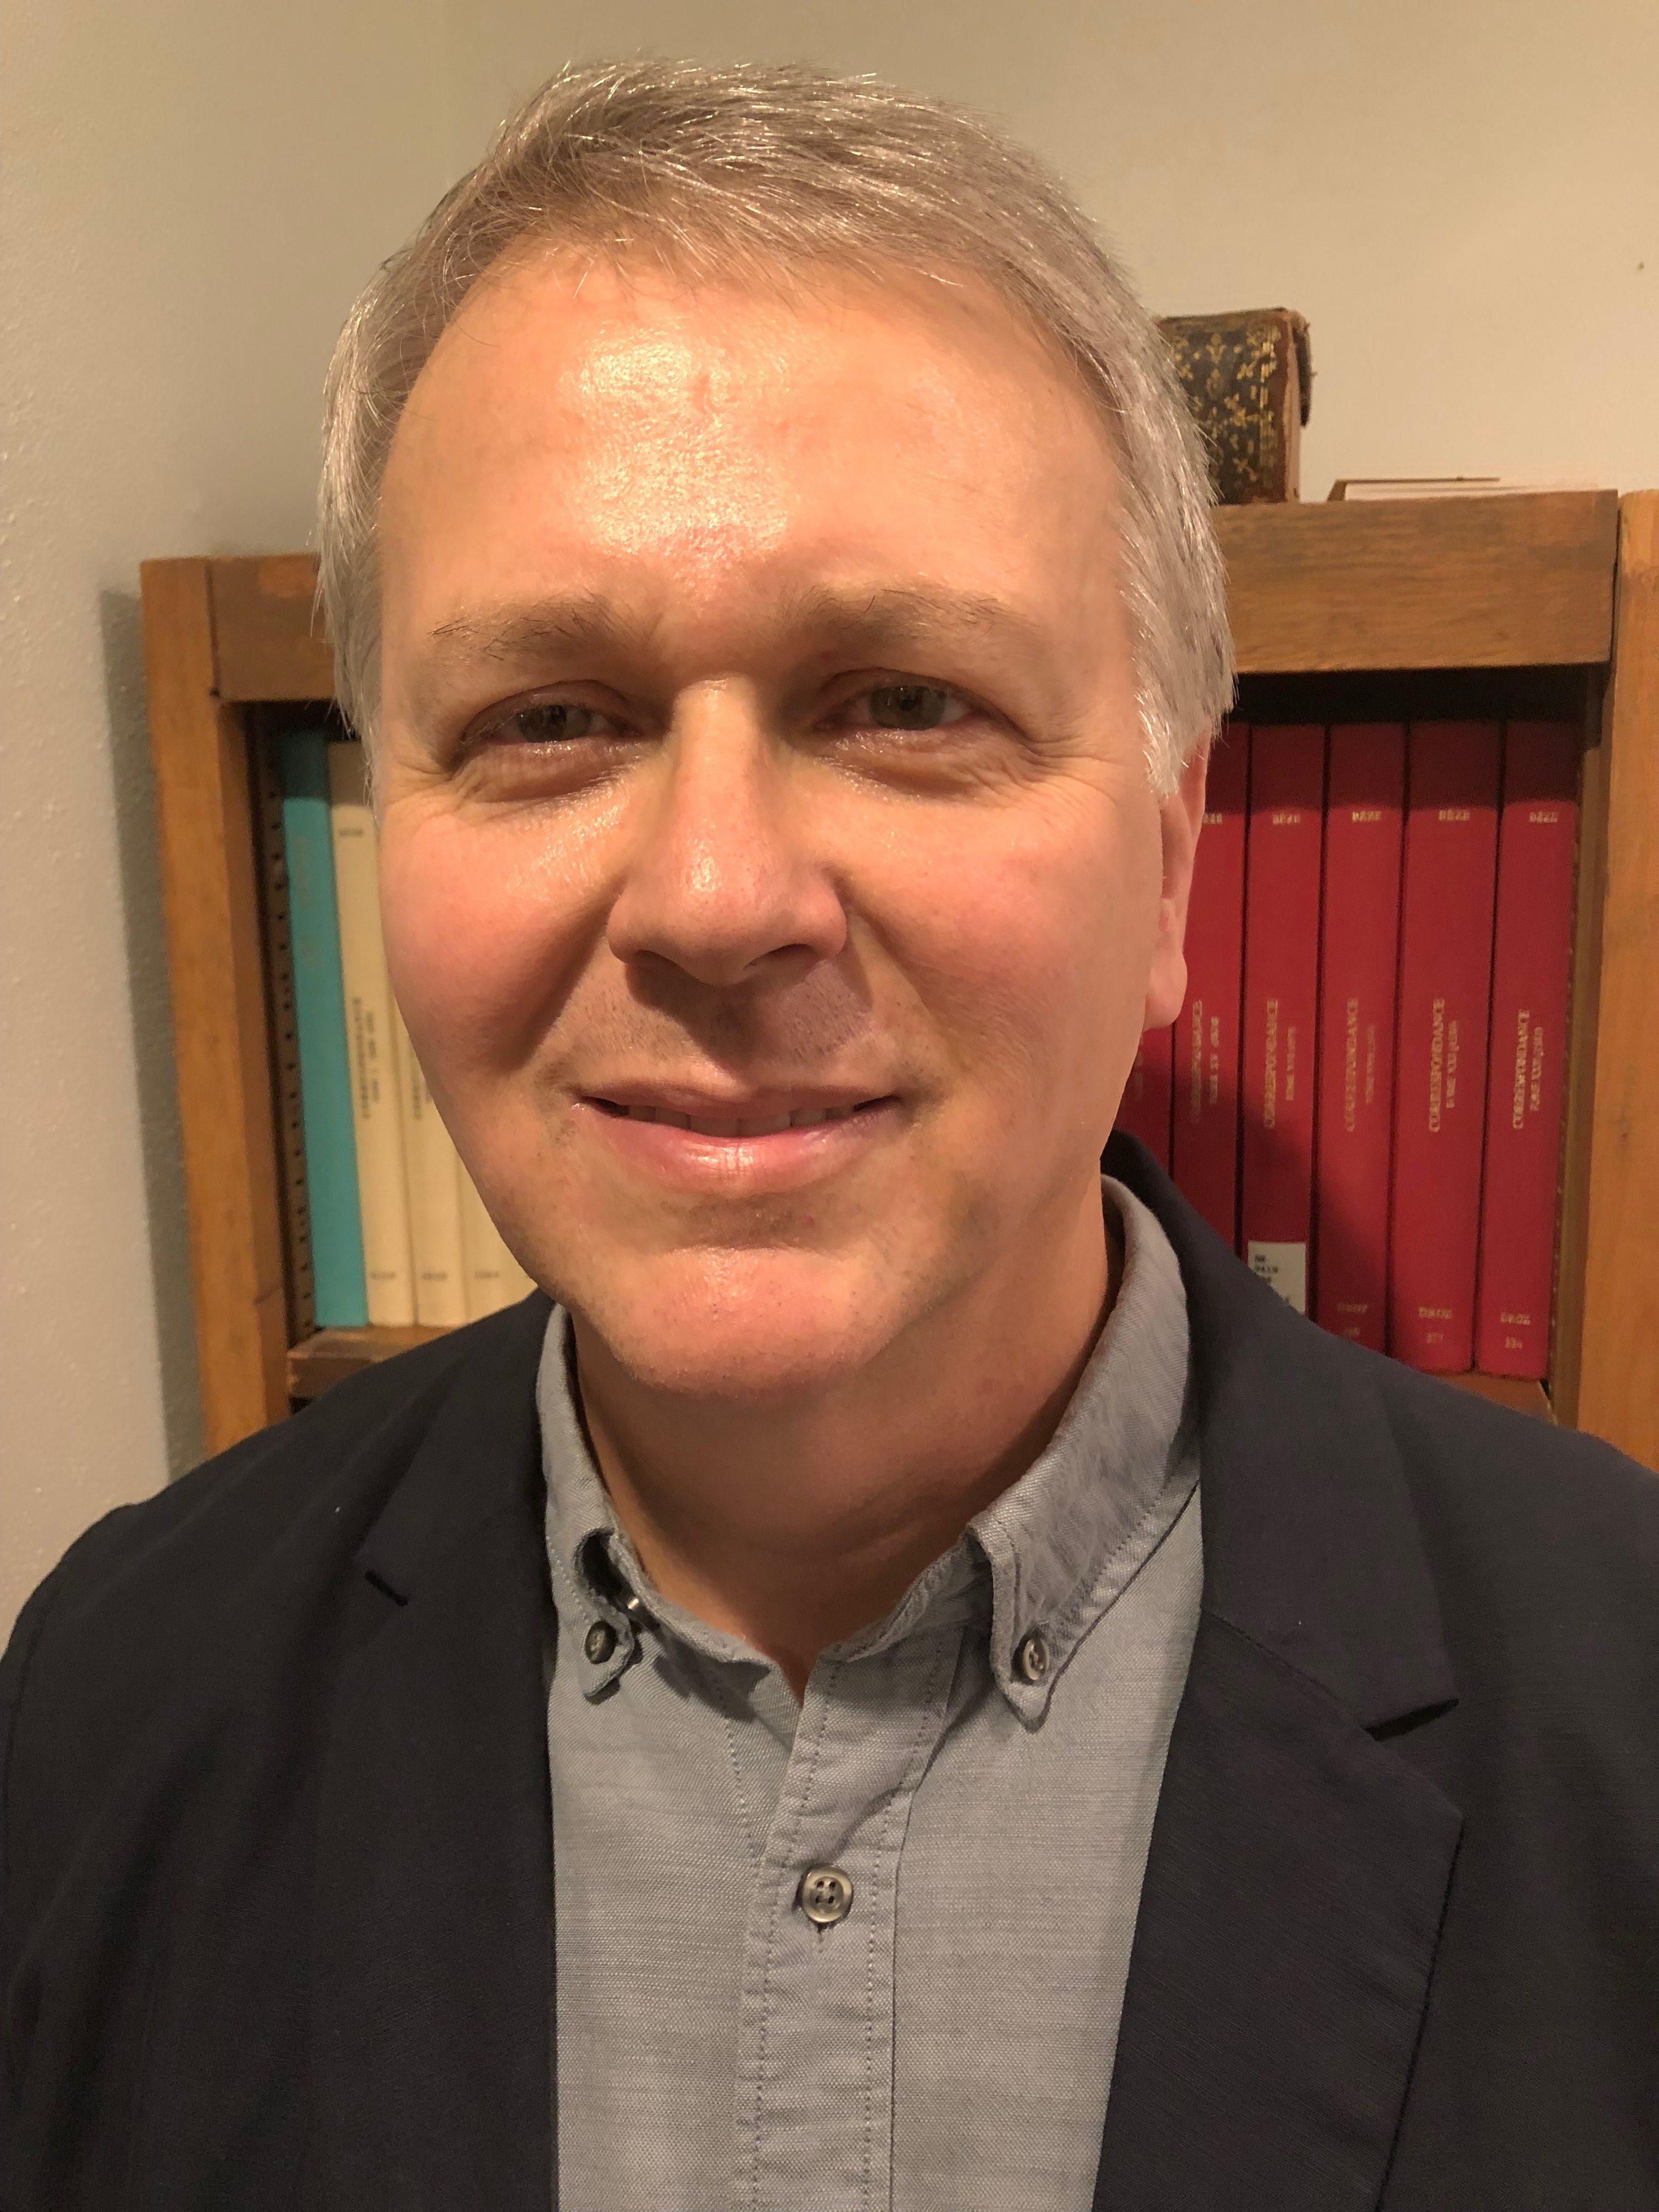 Kirk Summers